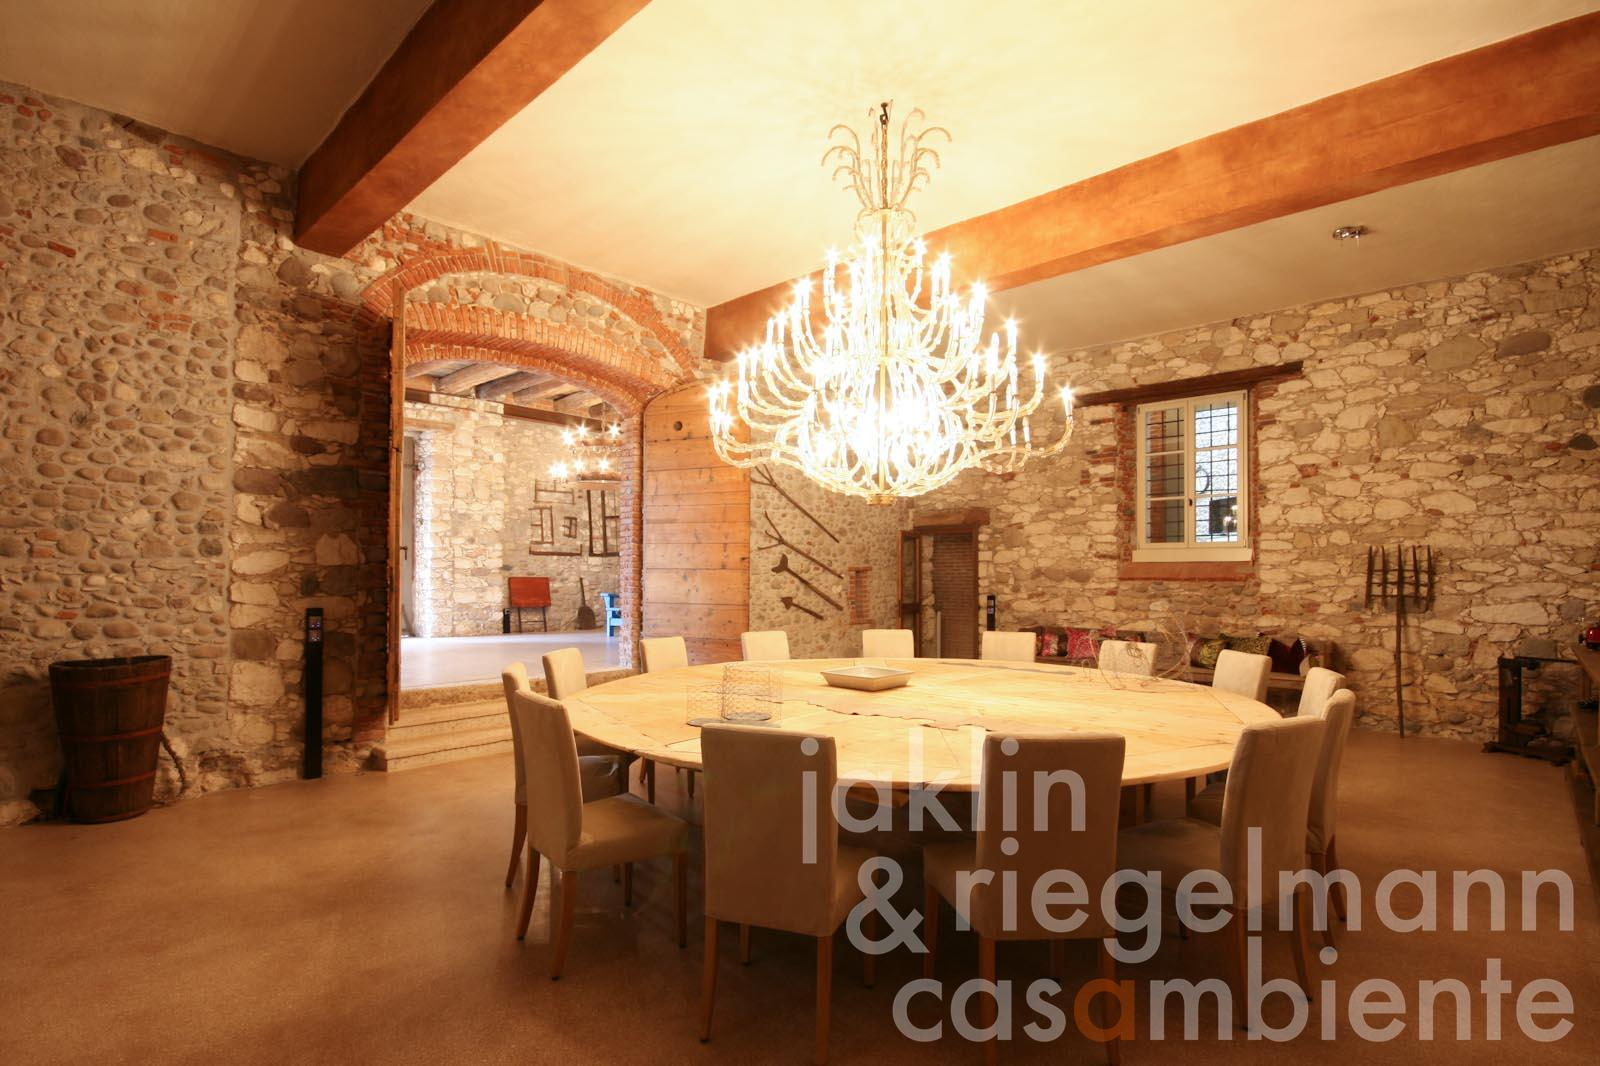 Residenza di campagna in vendita in italia, veneto, verona ...